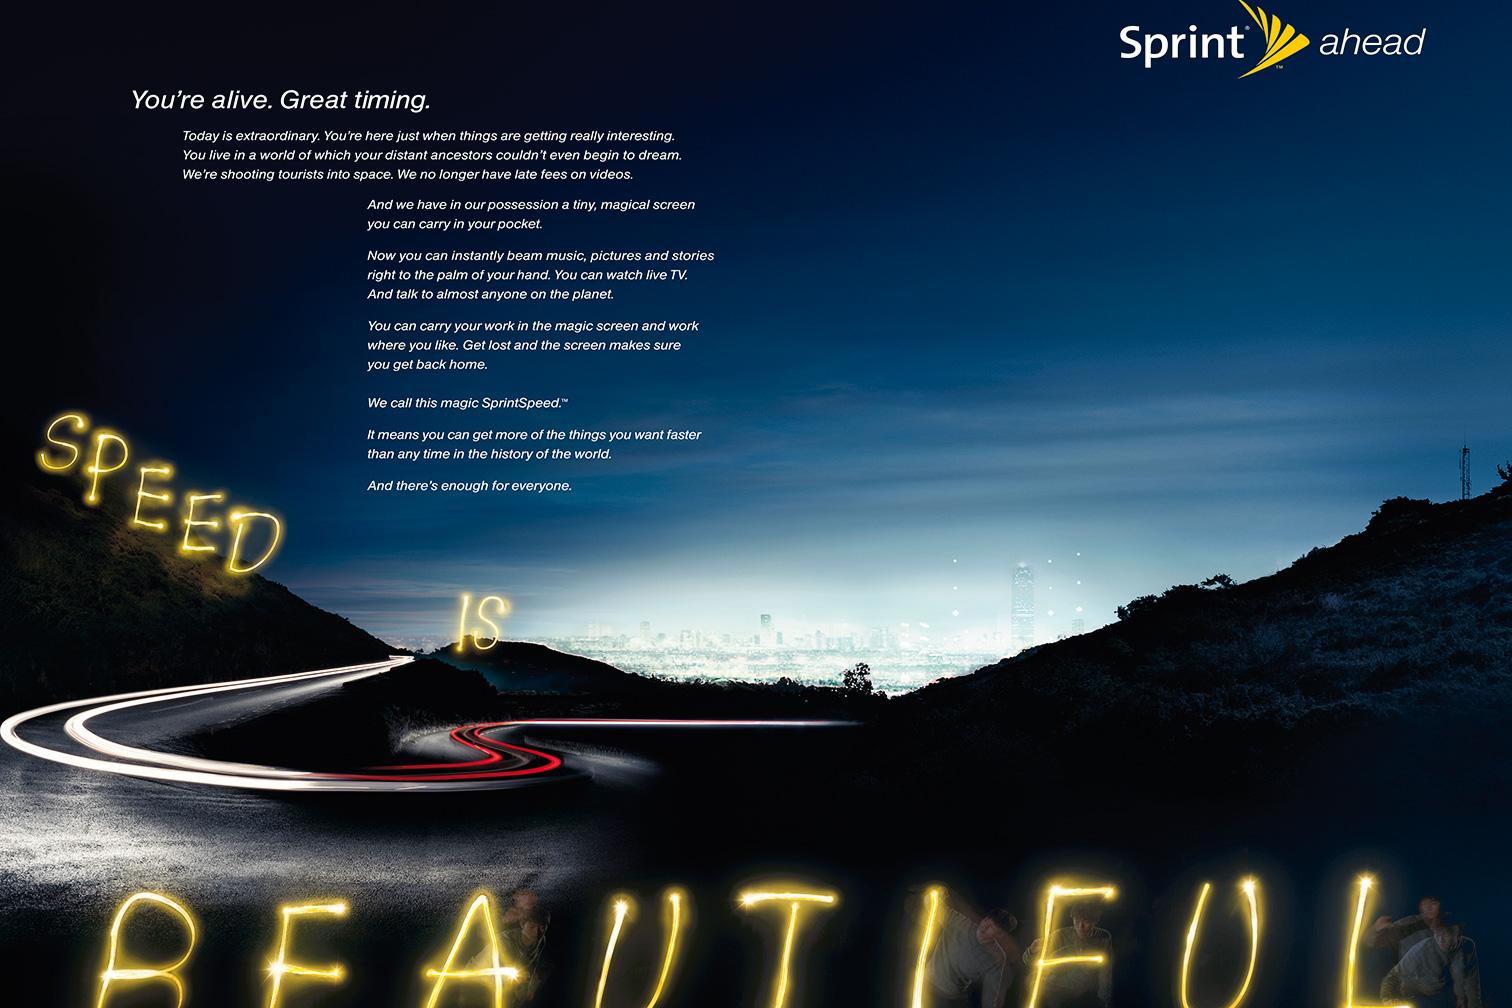 21x14-R24-sprint-1.jpg